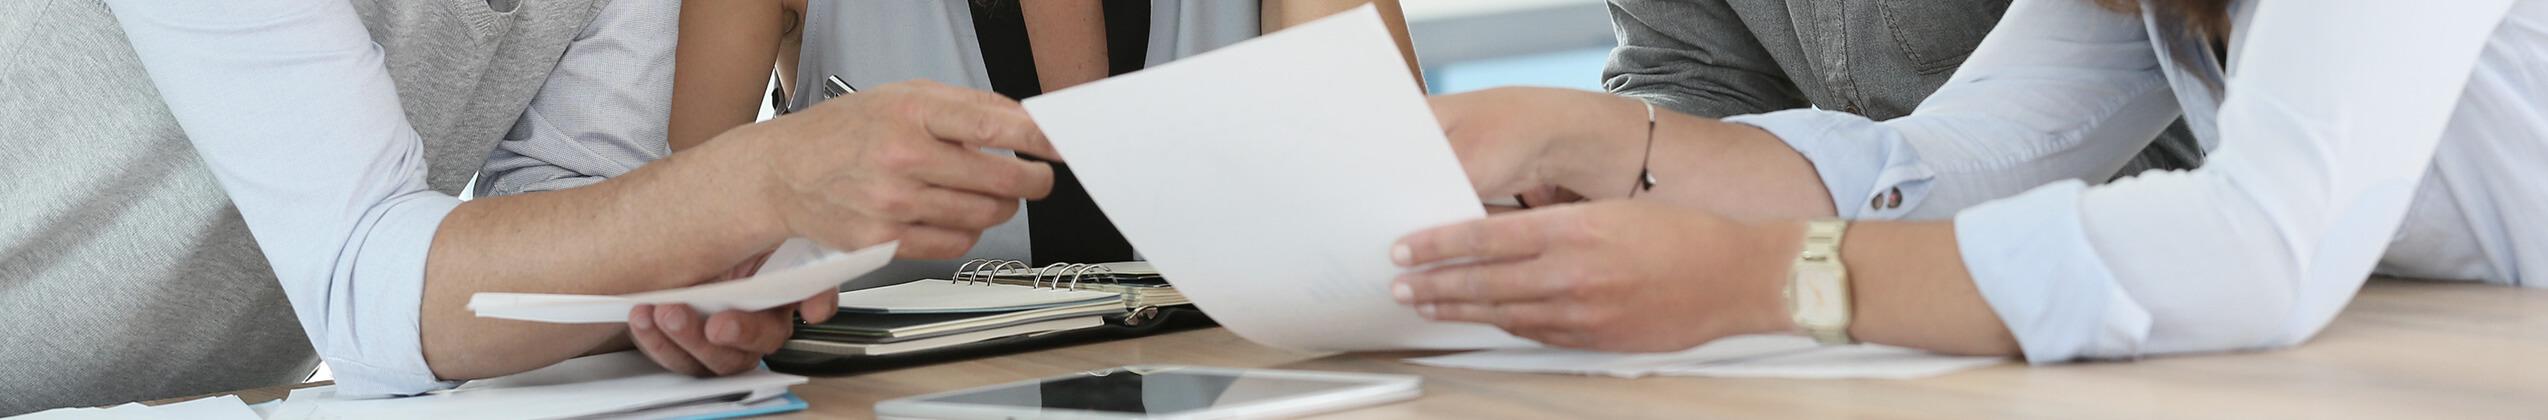 Service Desk / Helpdesk Support Mitarbeiter (m/w) für den Produkt-Support